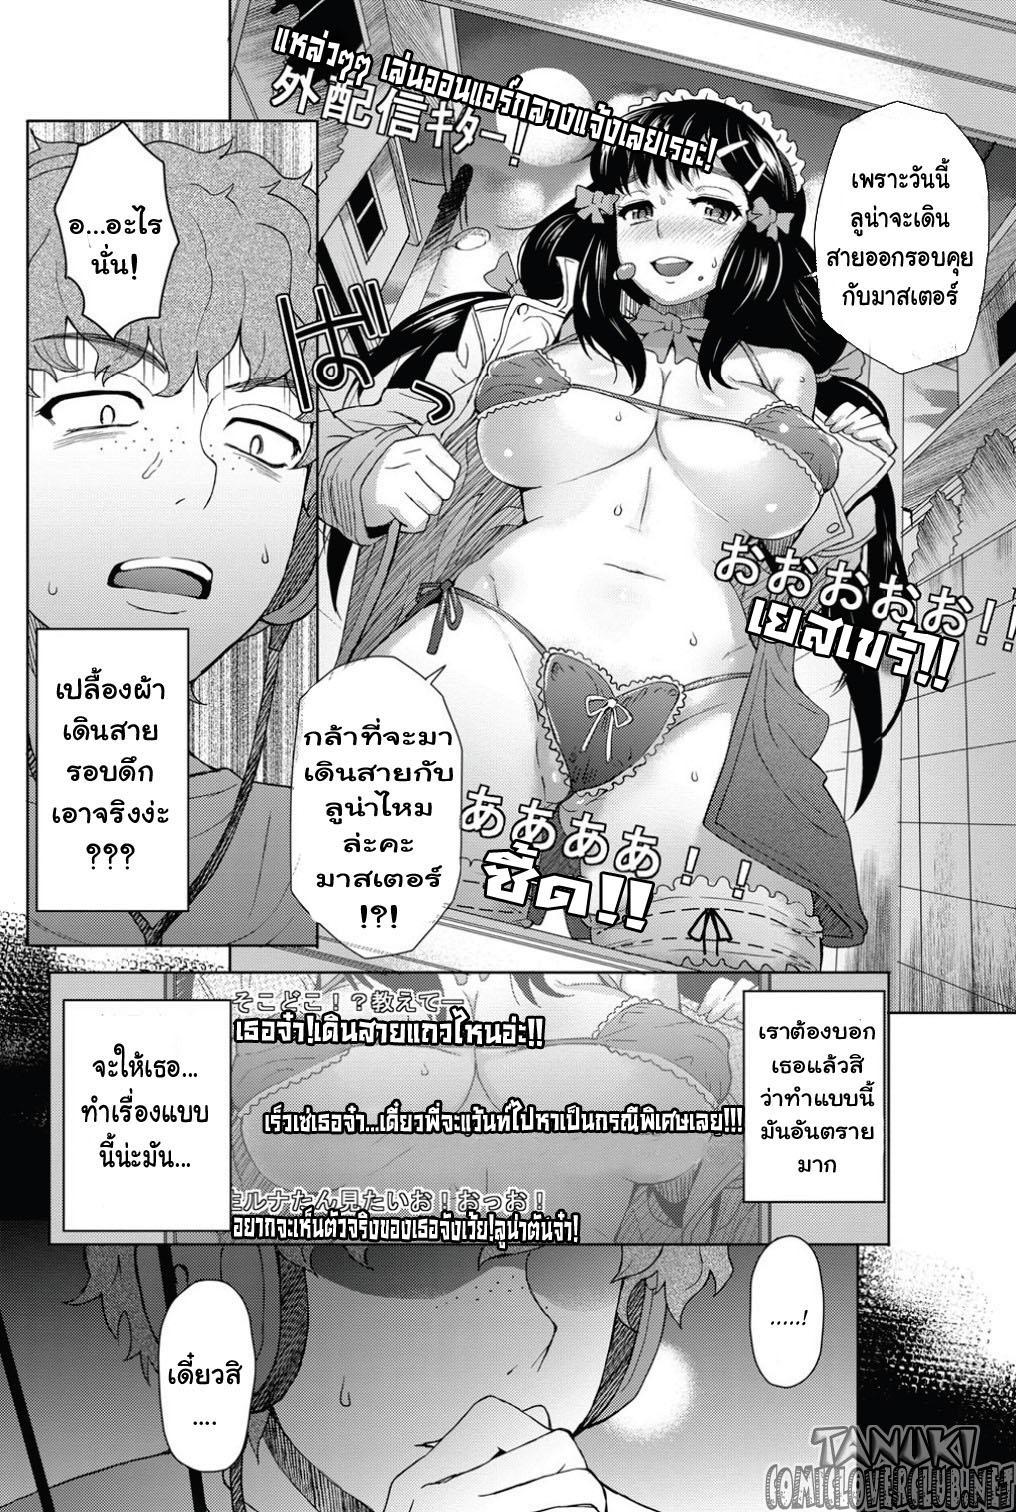 อ่าน เสียวออนไลน์ ในแสงจันทร์ แปลไทย - 4